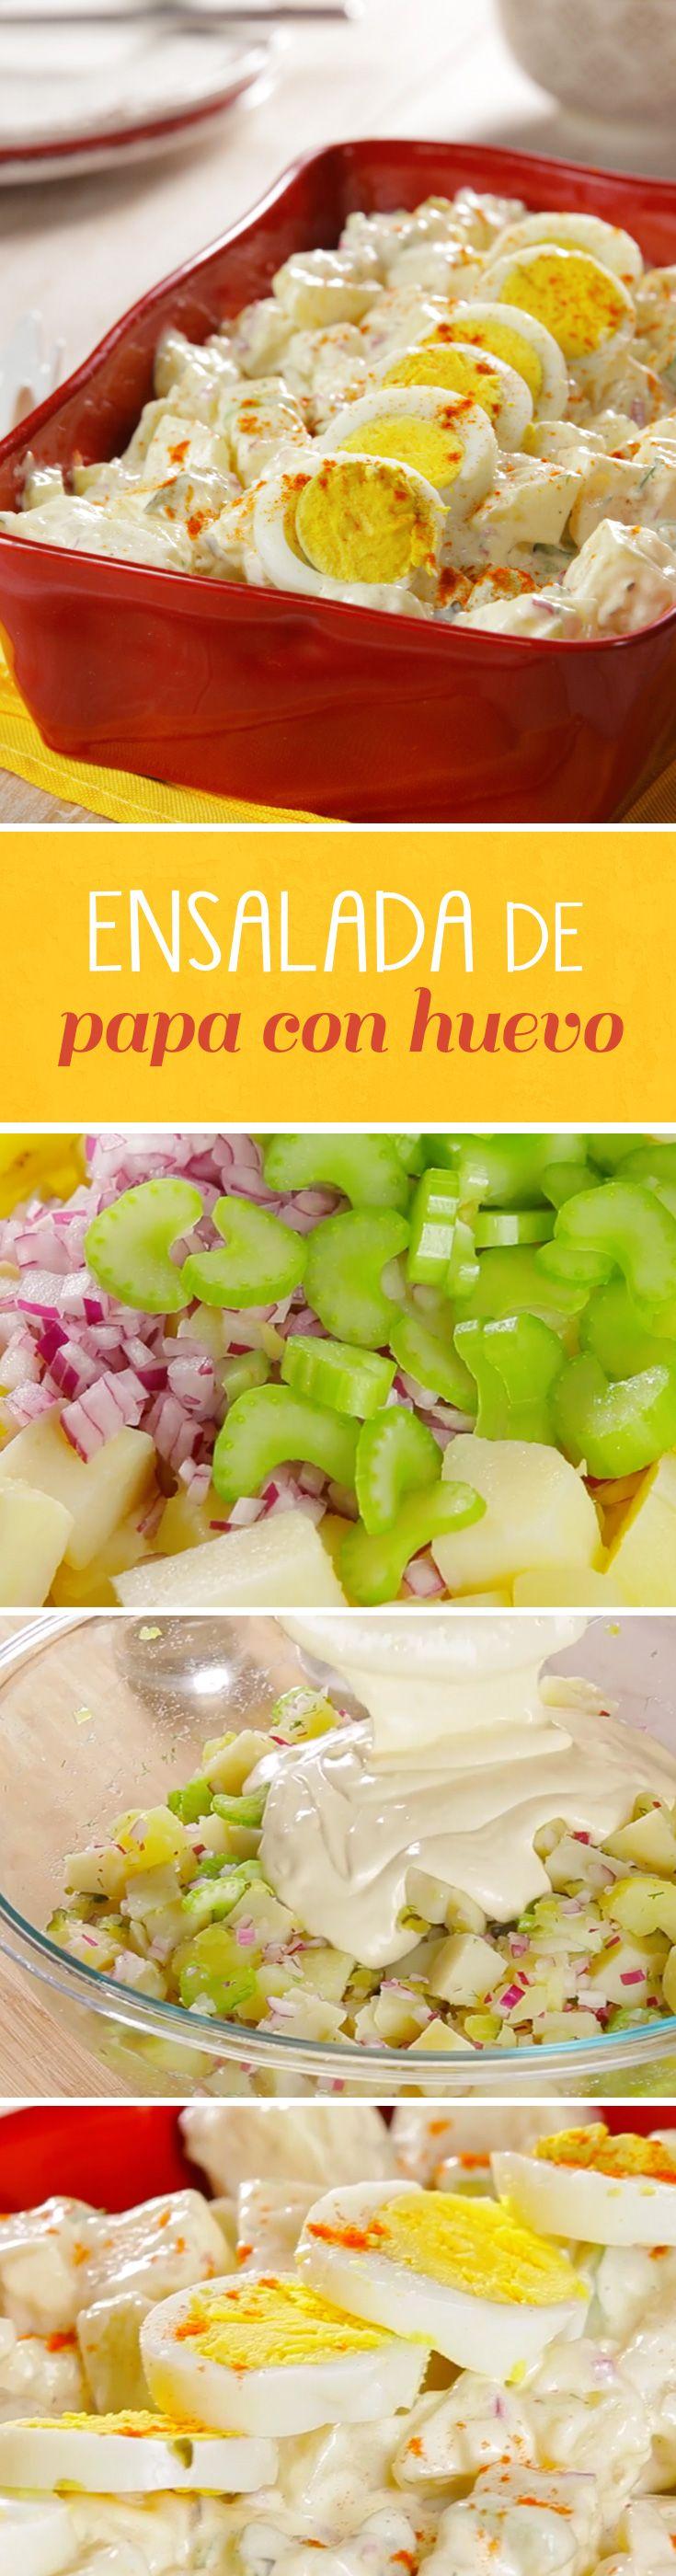 Ensalada económica de papa con huevo cocido. Una receta perfecta para #cuaresma sin carne y muy rendidora para fiestas de cumpleños o reuniones familiares.